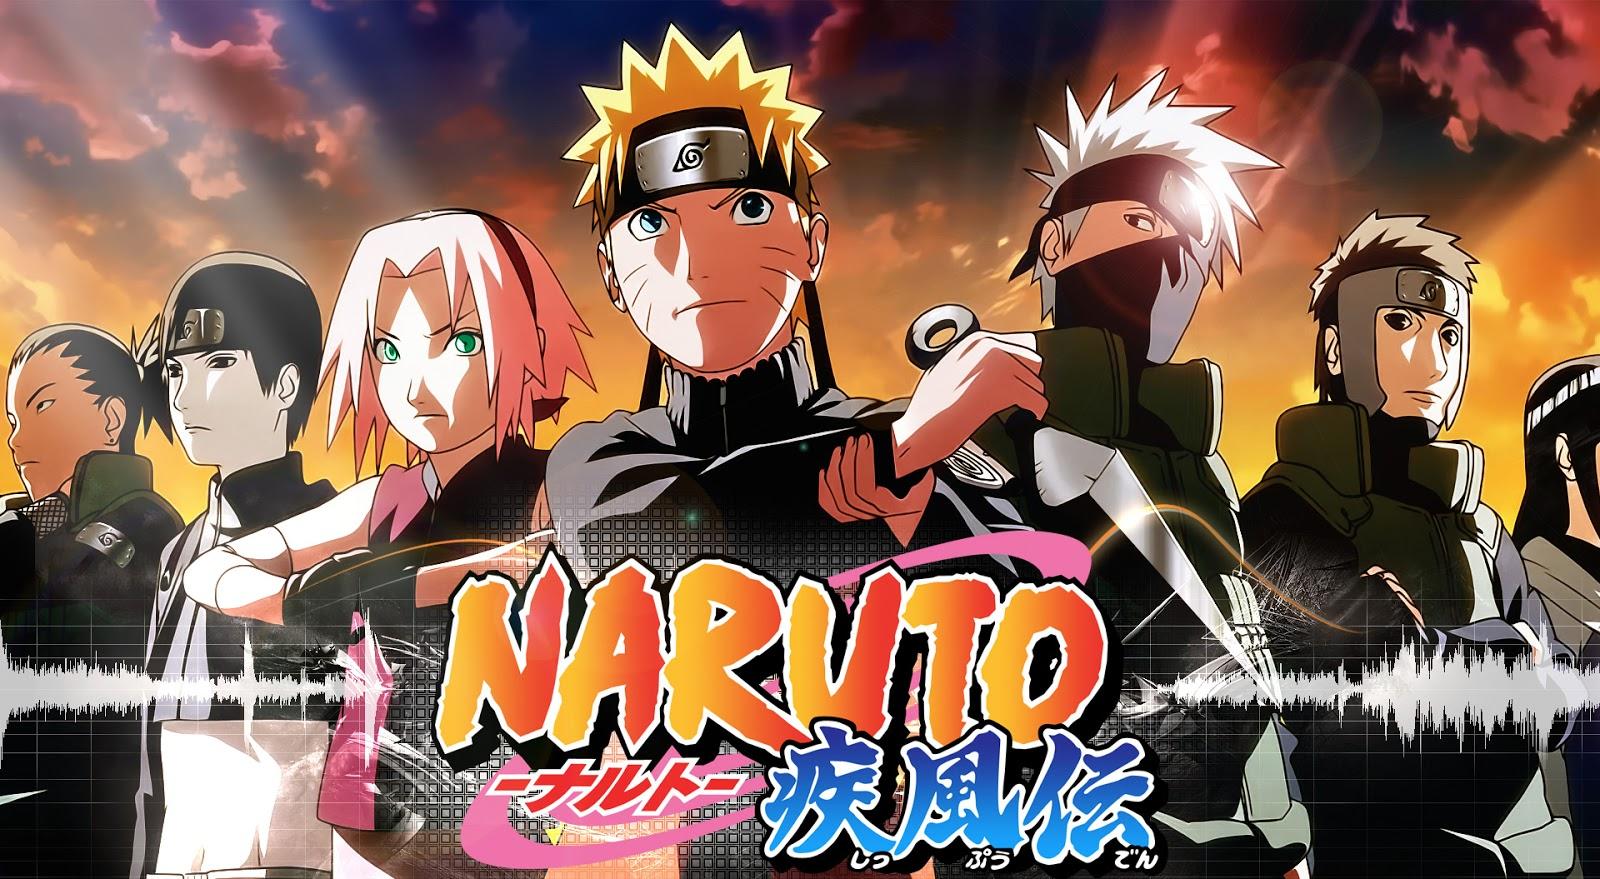 Download Naruto Shippuden